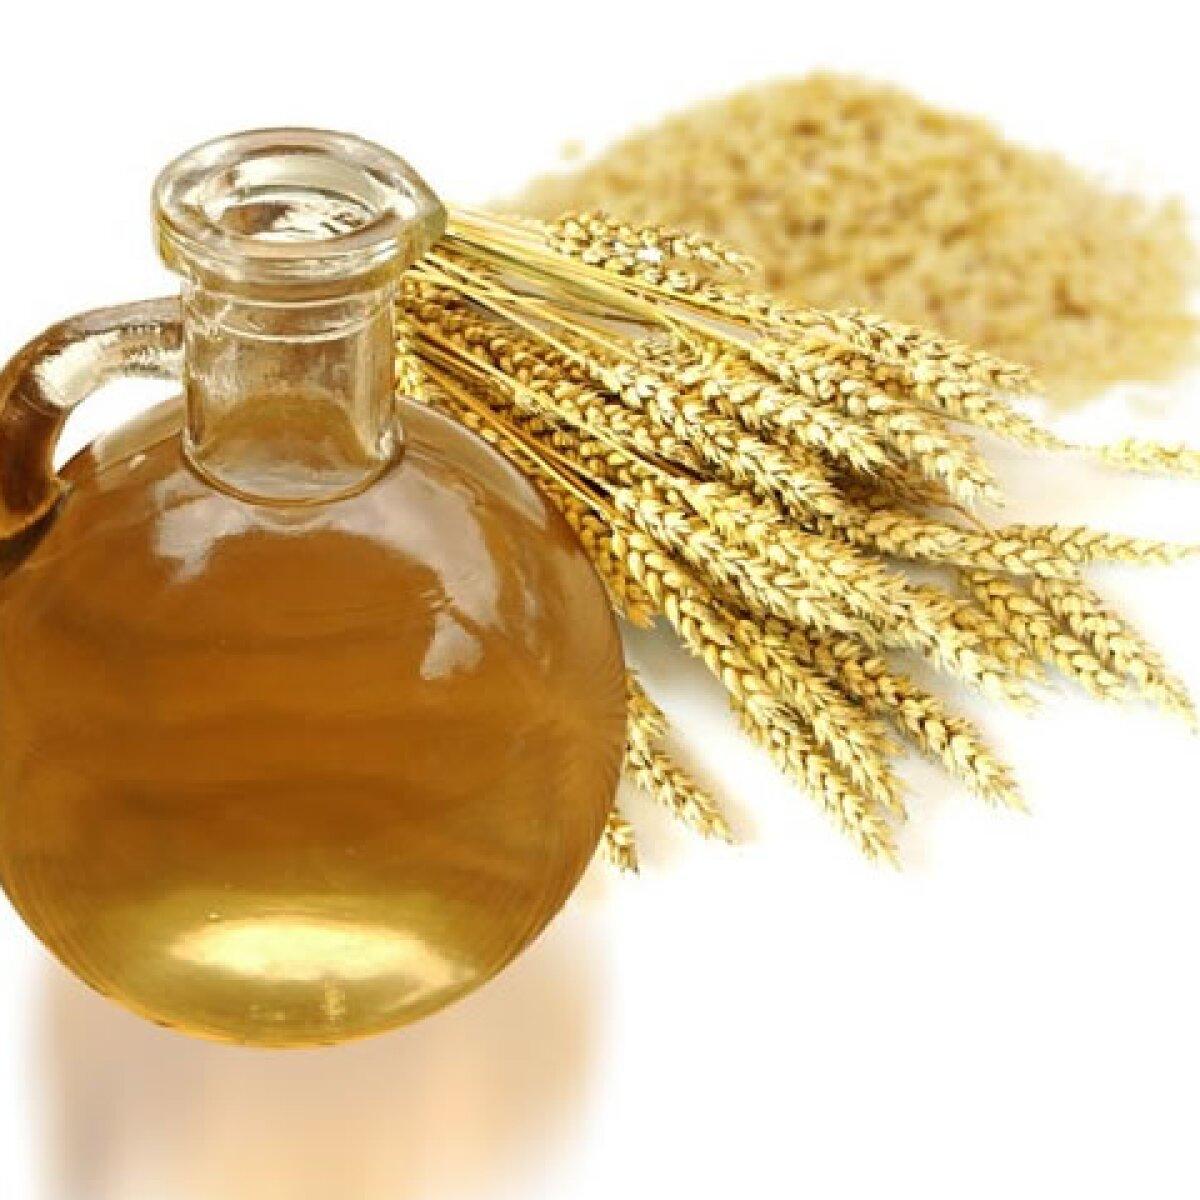 Los top 5 aceites anti-edad